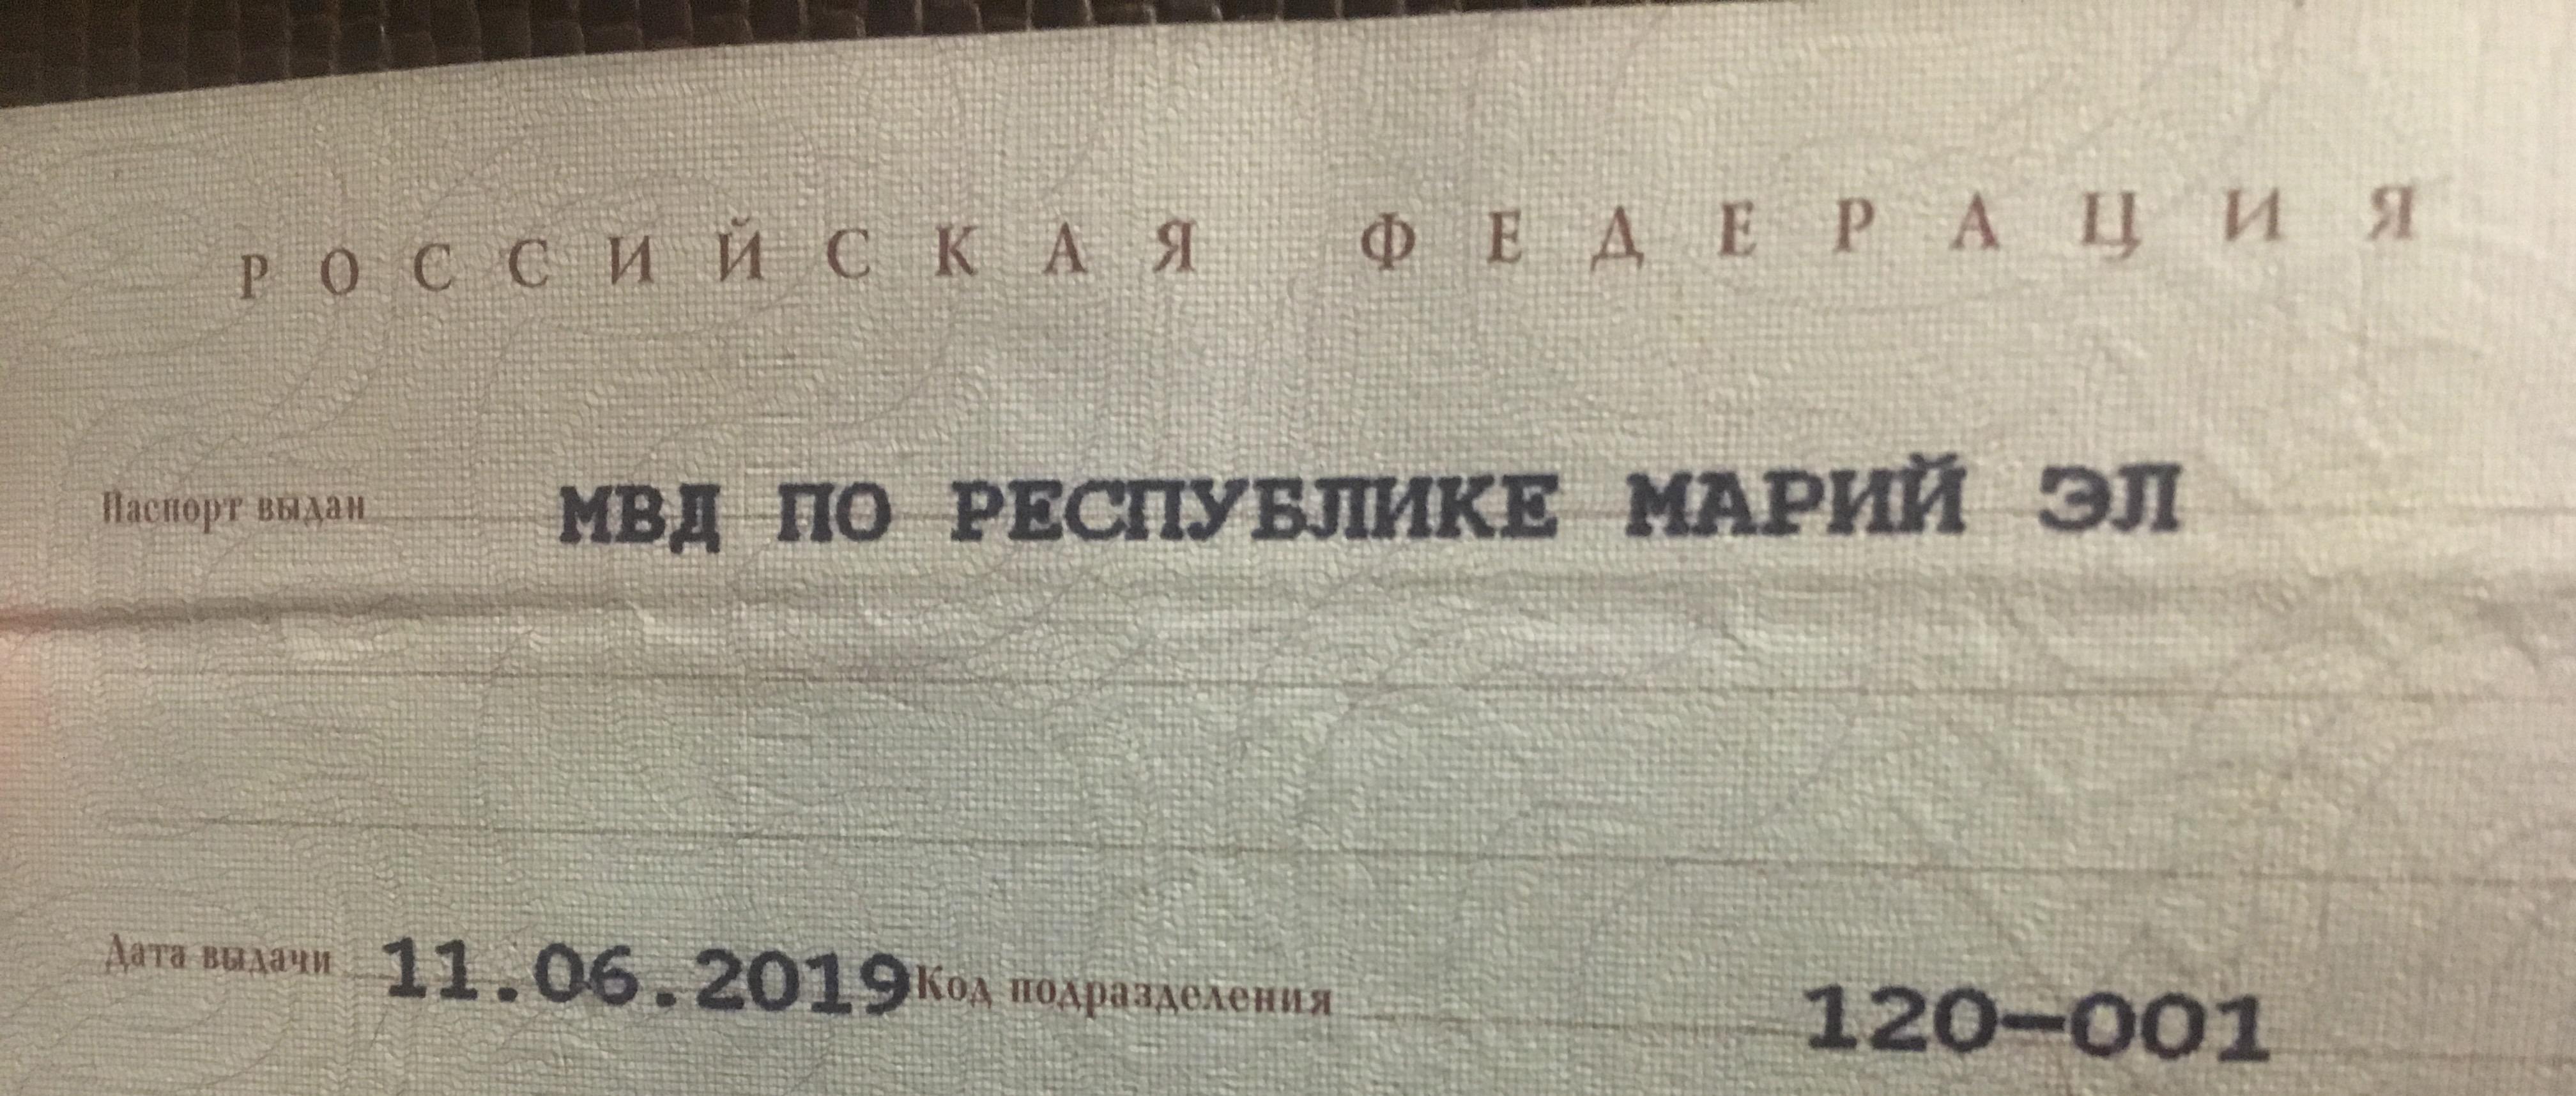 Впаспортах все без исключения буквы— заглавные